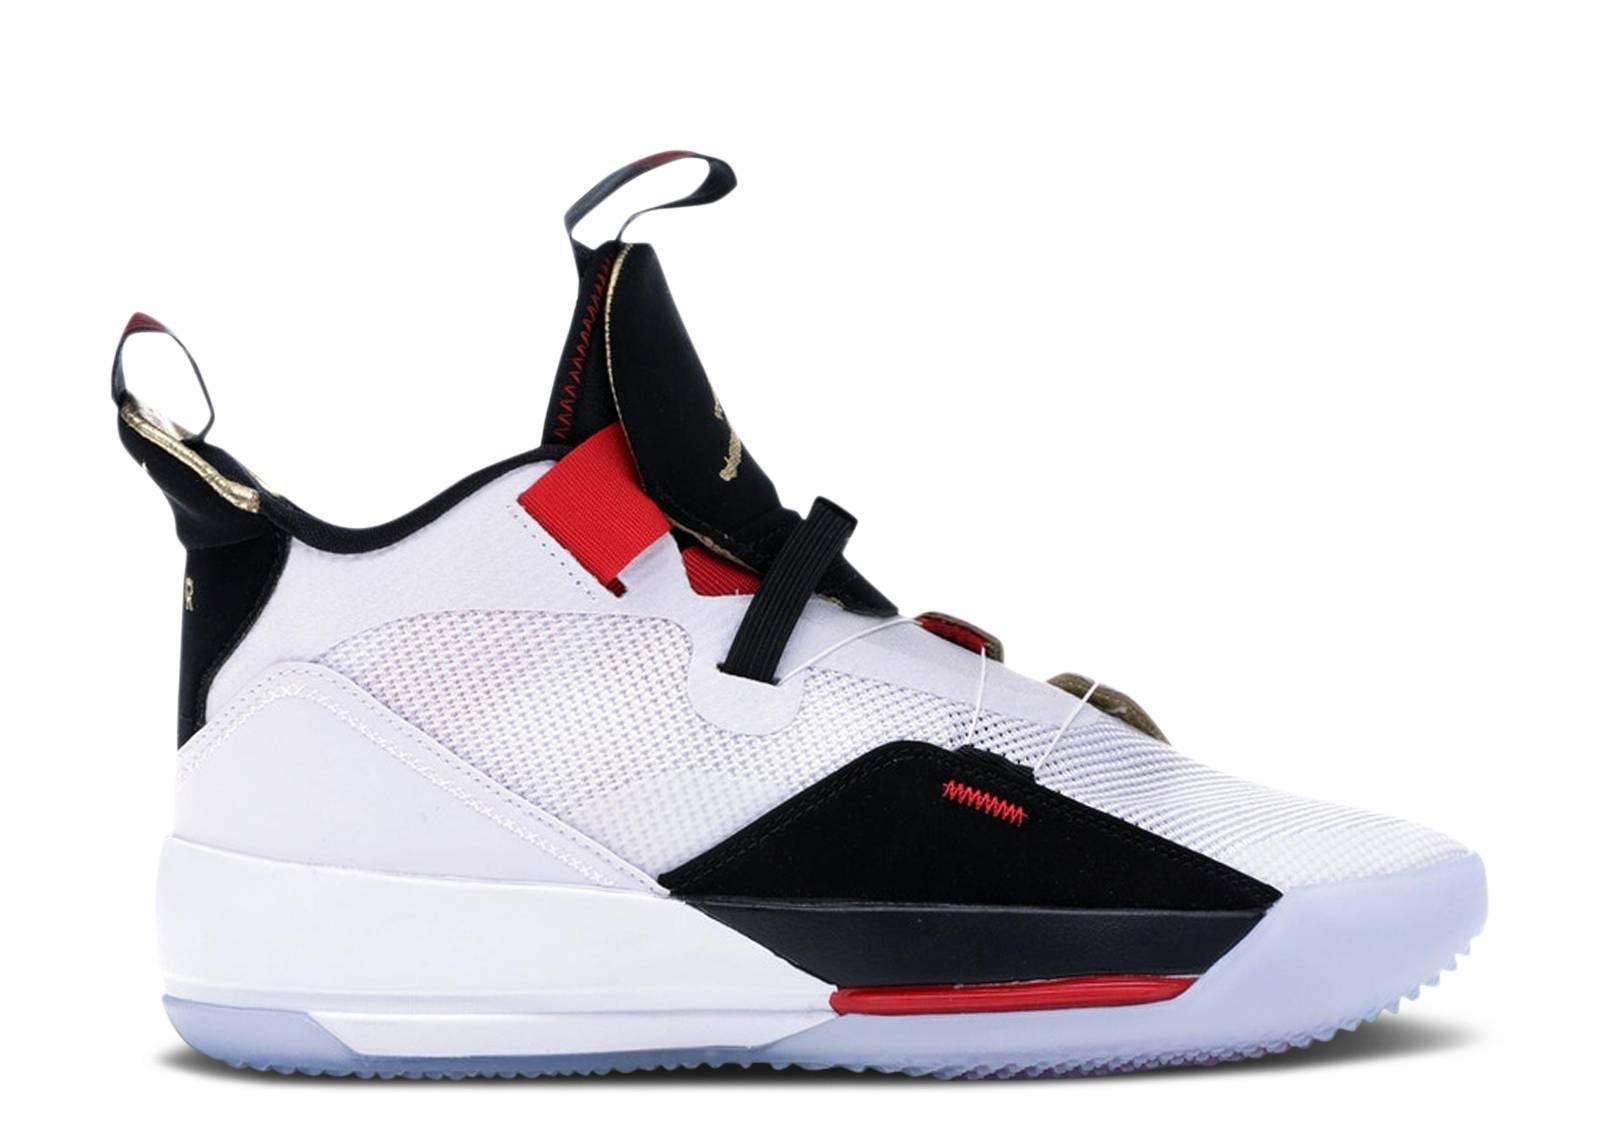 15cb310bc0 Nike Air Jordan Xxxiii Pf - Air Jordan - bv5072 100 - white/metallic ...